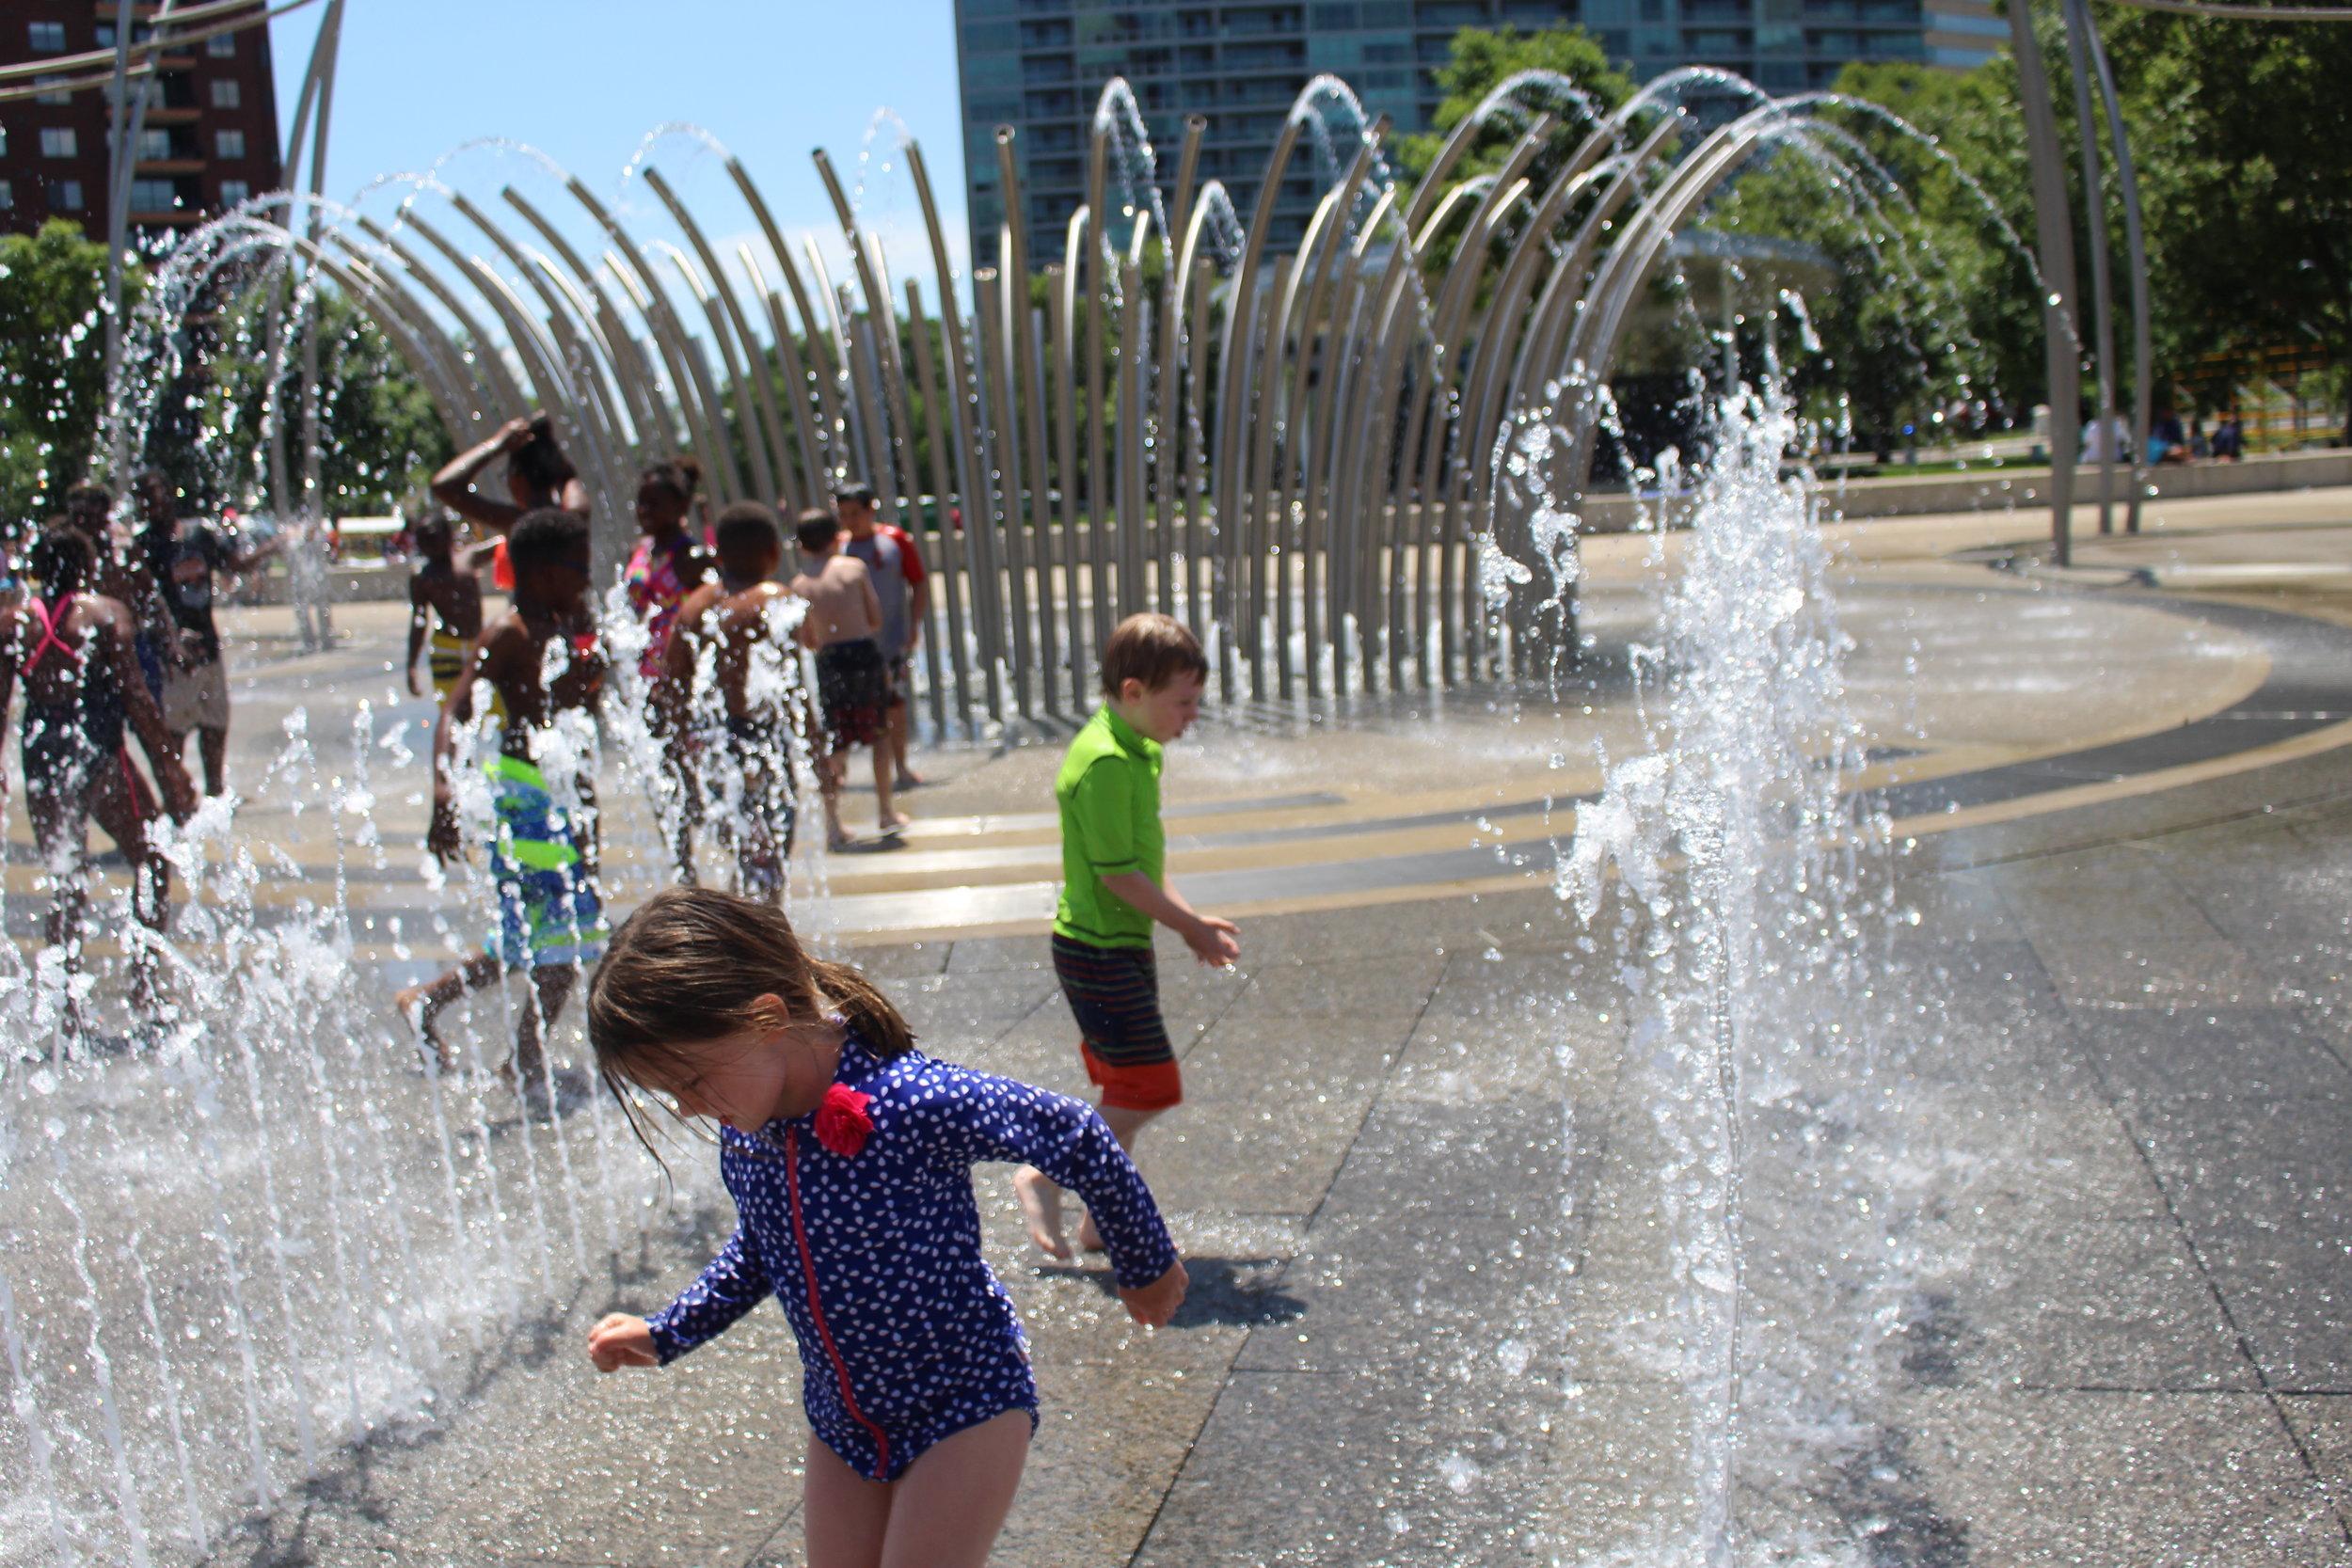 Splash Pads - 614 Mom's Guide to Summer! www.614mom.com